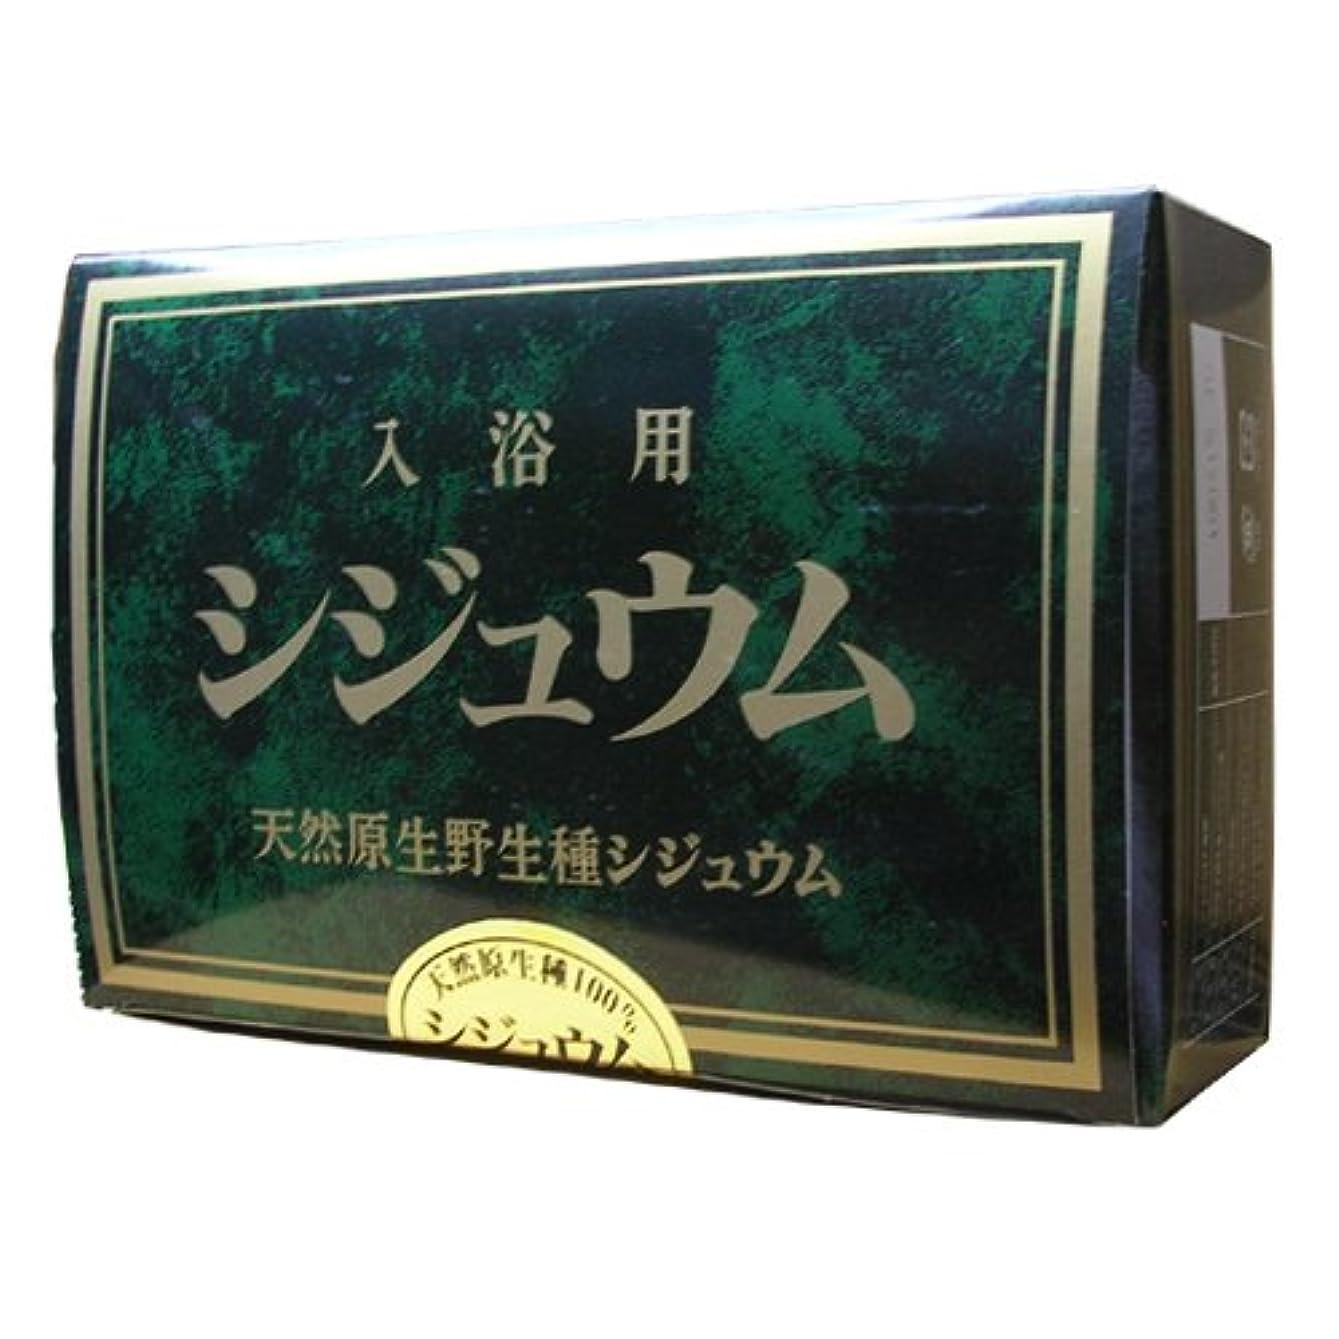 一見ペイン天気入浴用シジュウム  30包×3箱セット